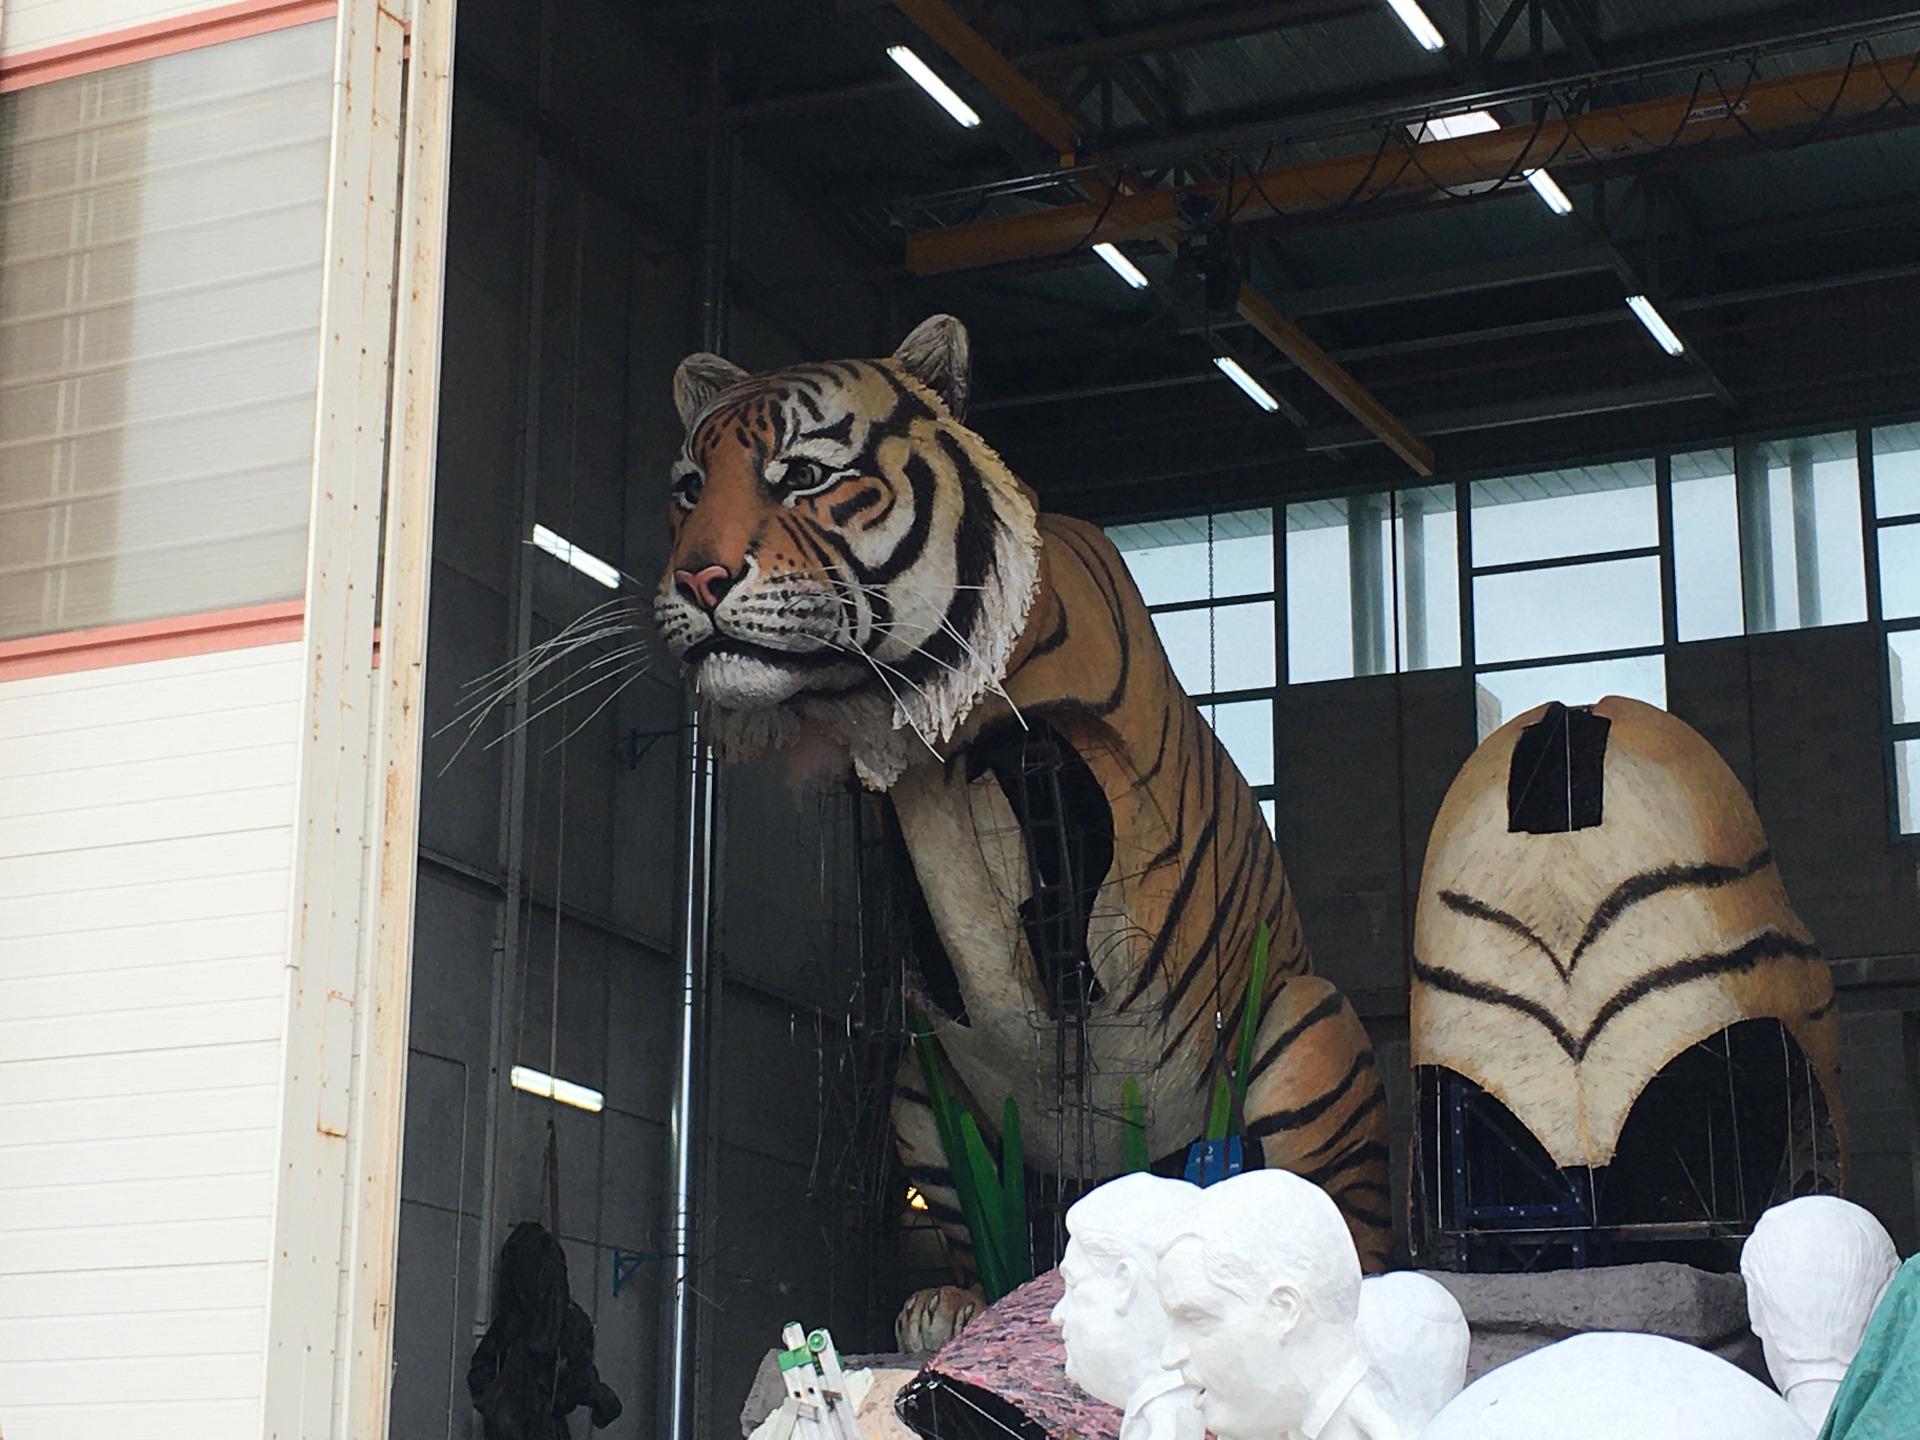 blogging breakfast di carnevale a caccia di un lieto fine di luca bertozzi la maestosa tigre